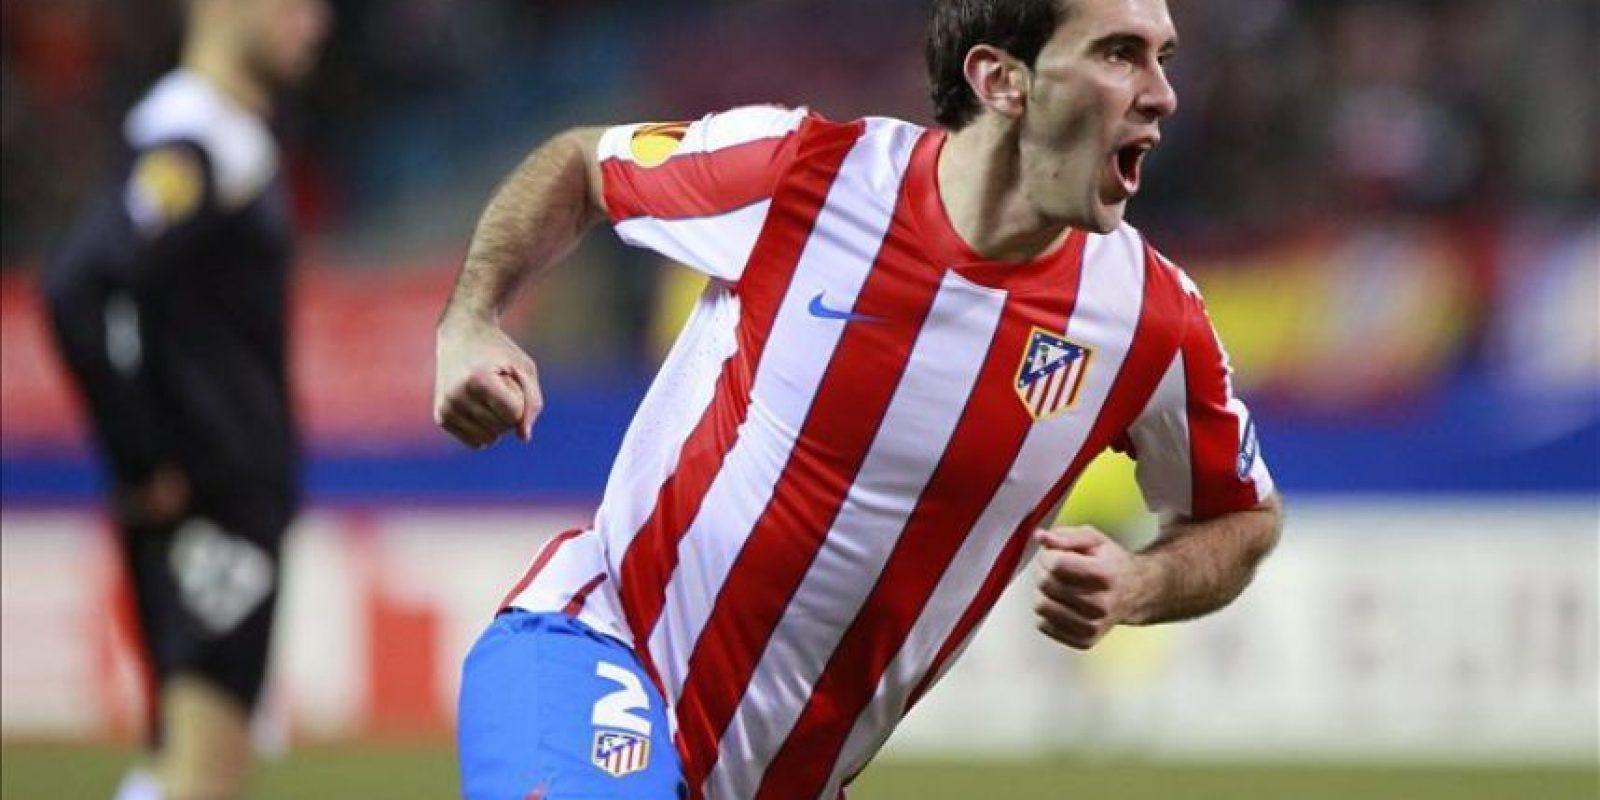 El defensa uruguayo del Atlético Madrid Diego Godín celebra el gol marcado al Lazio, durante el partido de vuelta de los dieciseisavos de final de la Liga Europa disputado en el estadio Vicente Calderón, en Madrid. EFE